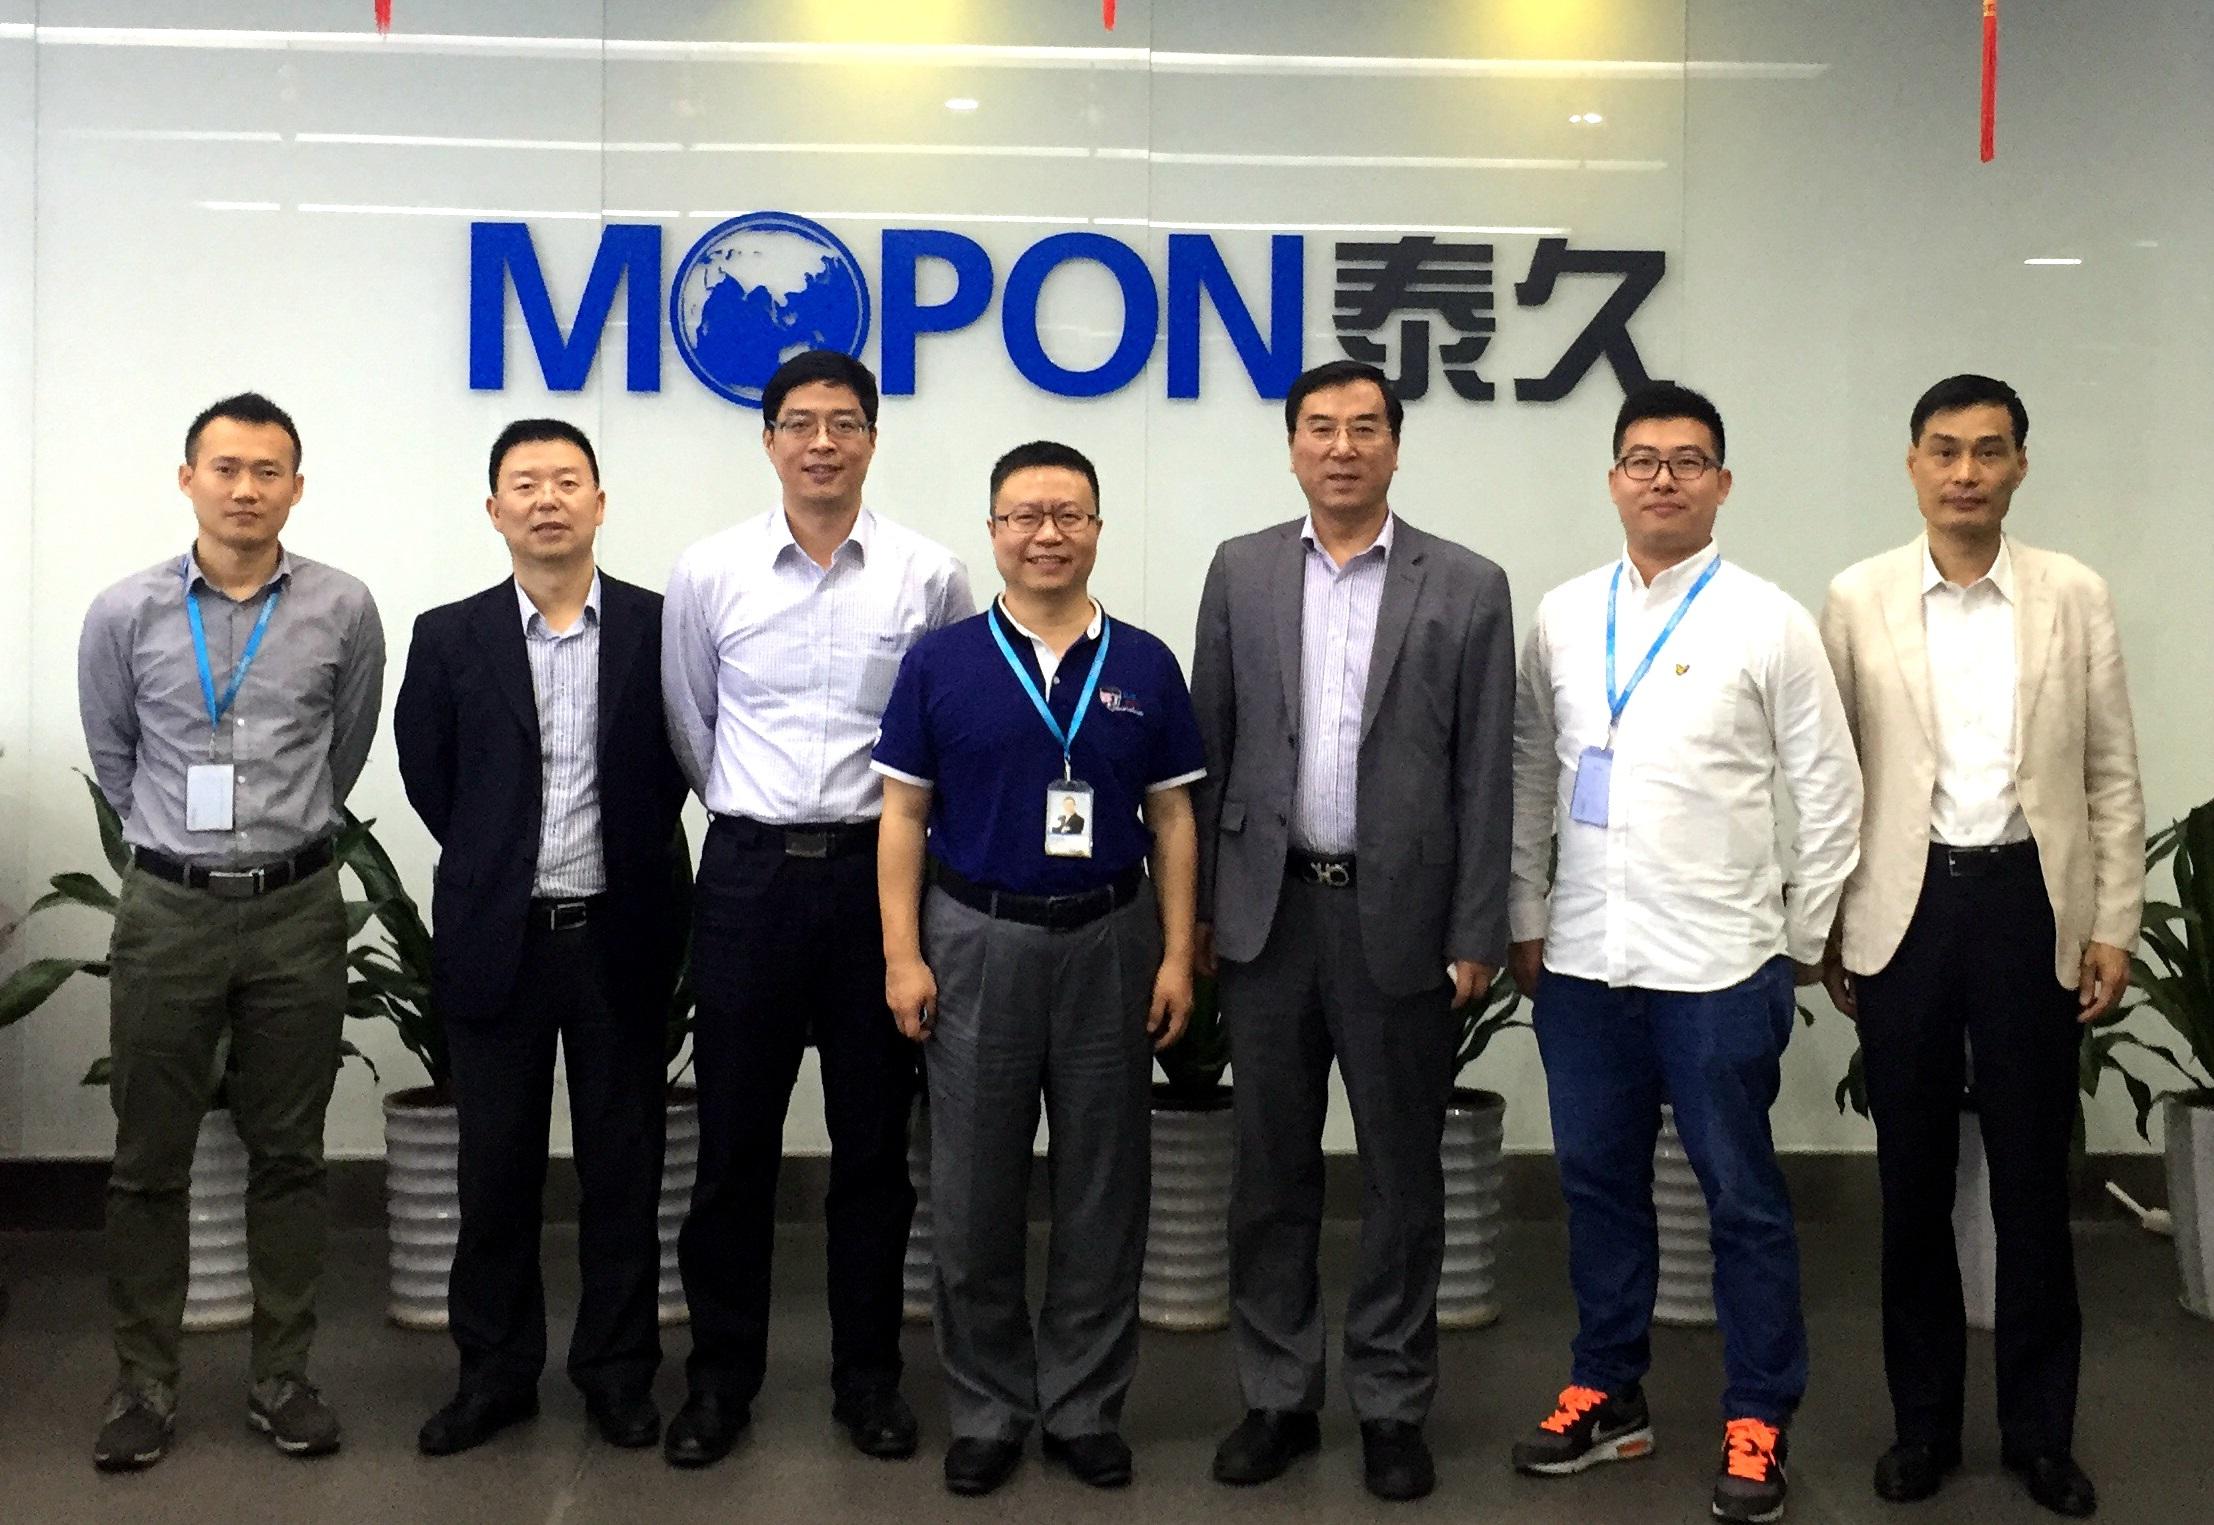 港中旅京华国际旅行社领导一行到访泰久,全力助推景区智慧升级